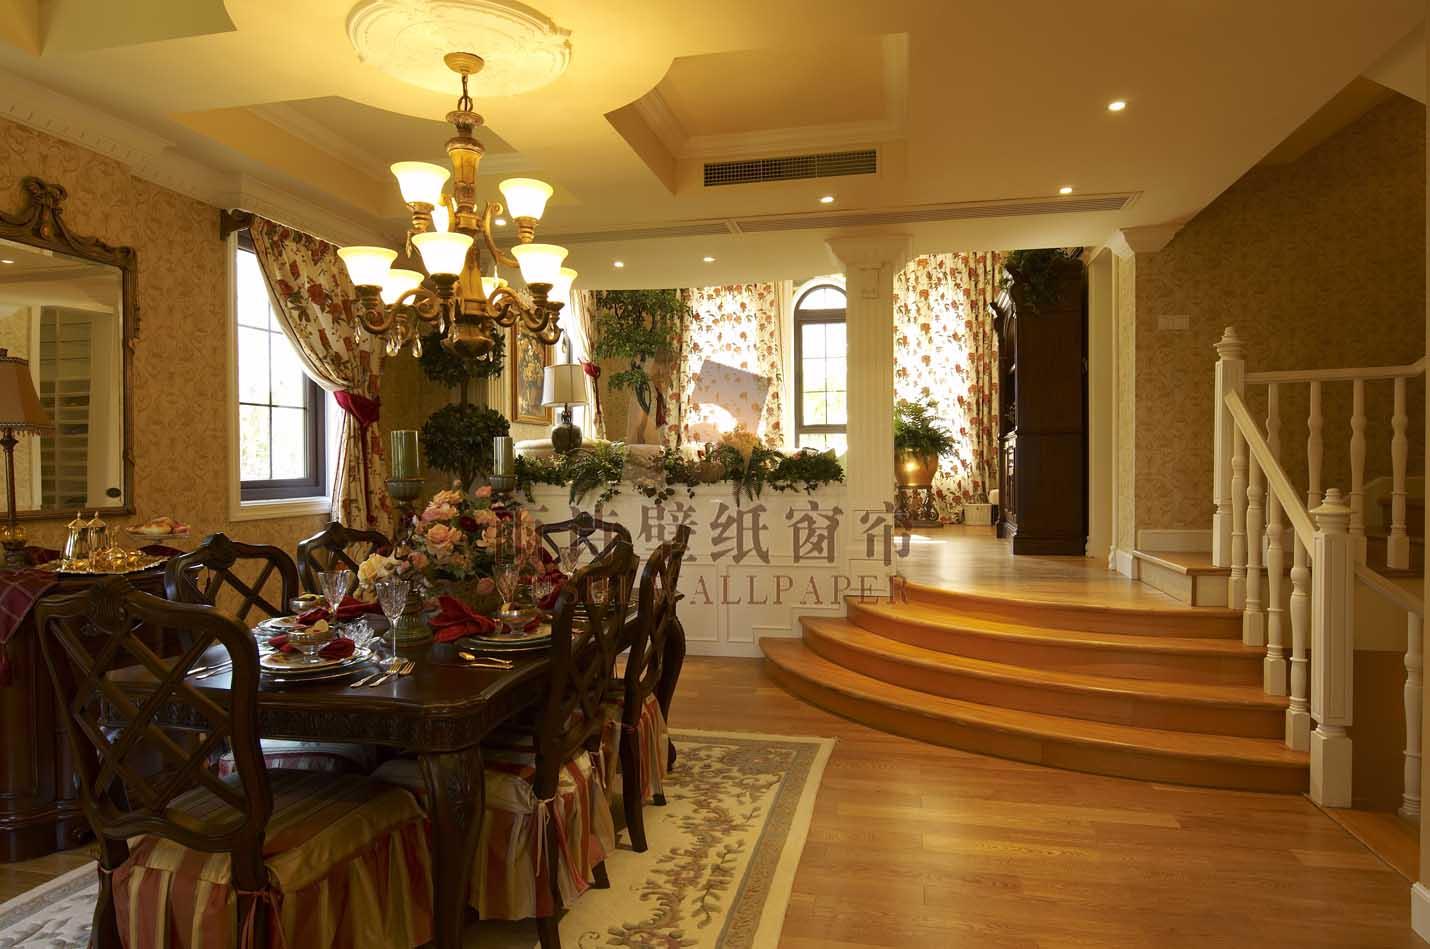 雨诗壁纸窗帘之田园风格餐厅